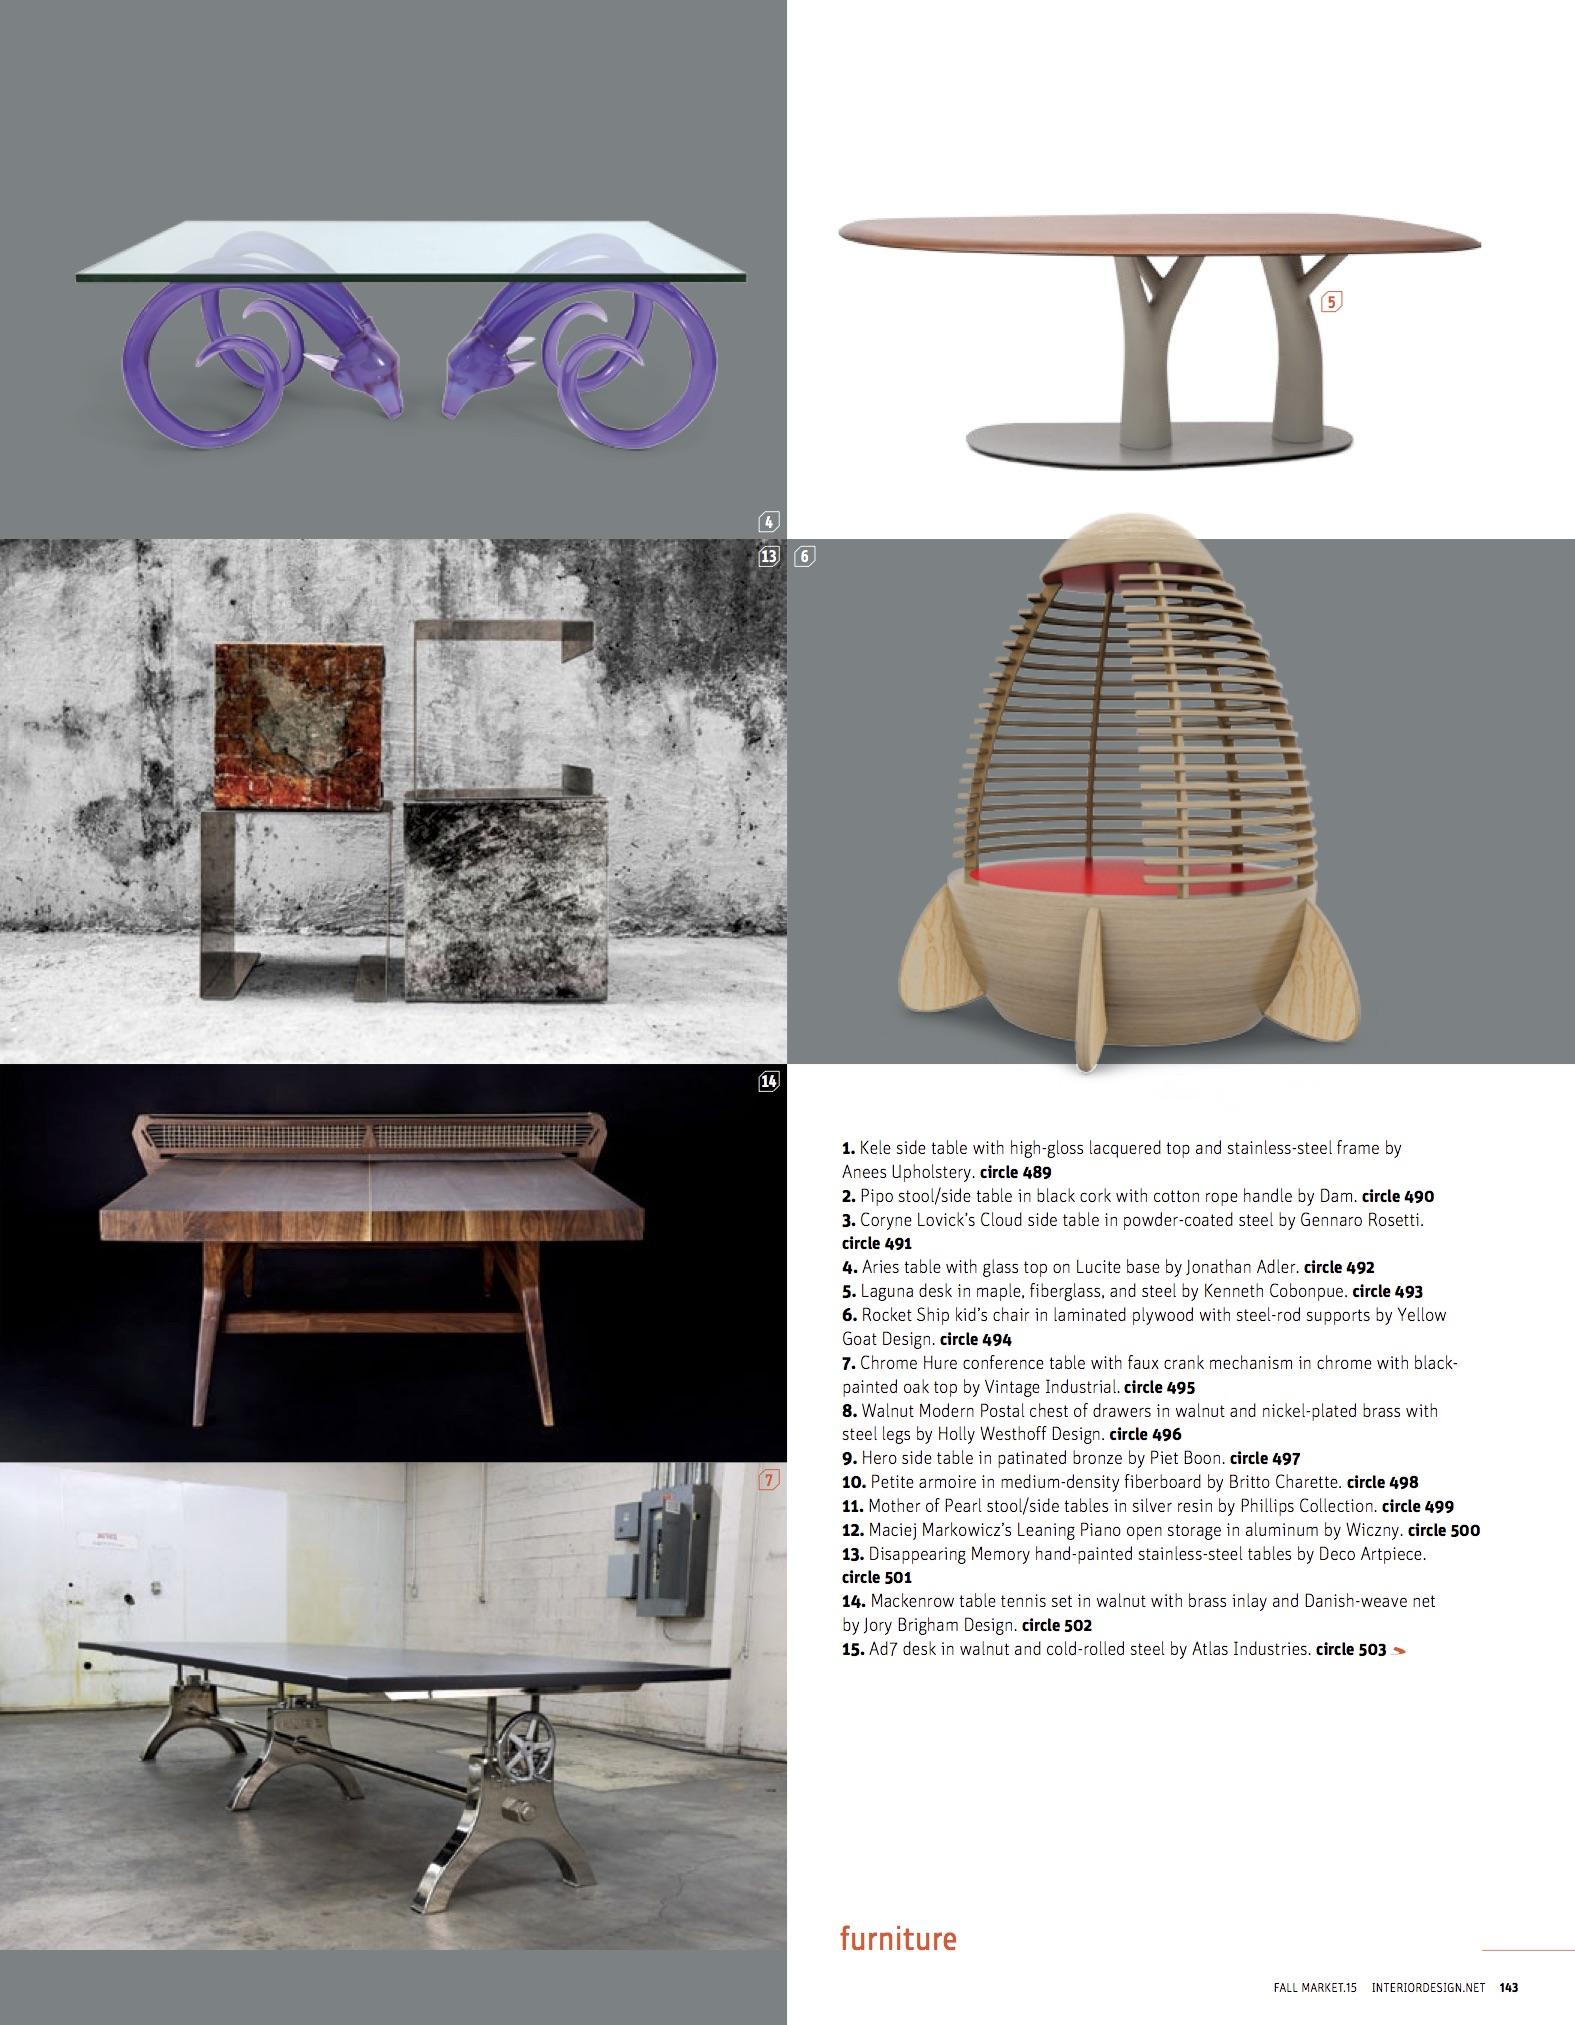 Interior Design Fall Market Tabloid 2015 - JB2.jpg